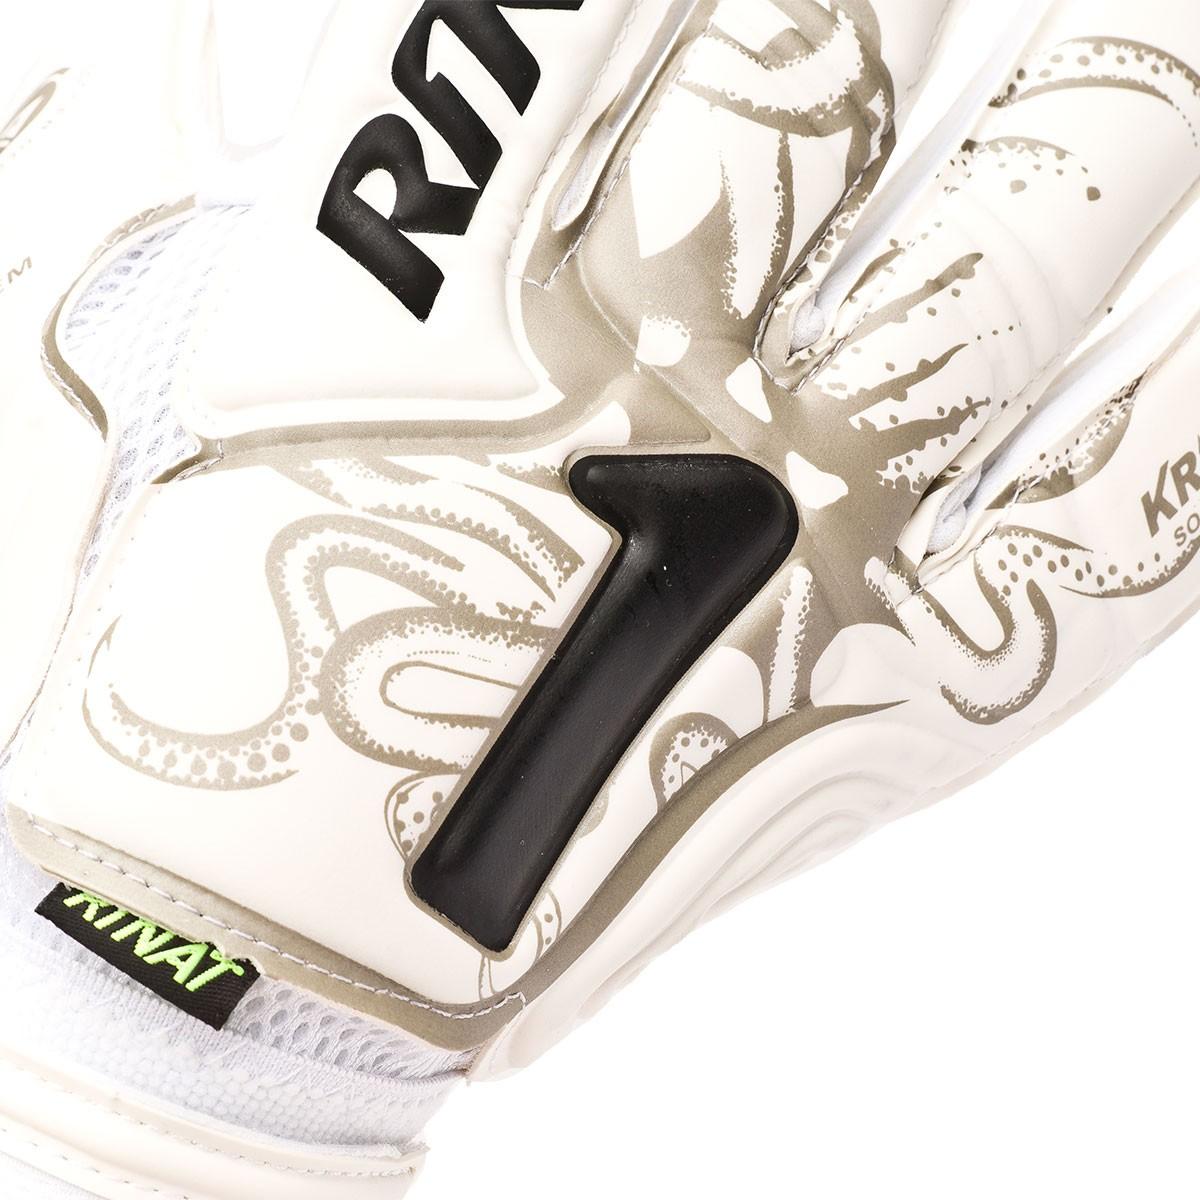 b126d2373 Glove Rinat Kraken NRG Neo Semi White - Football store Fútbol Emotion